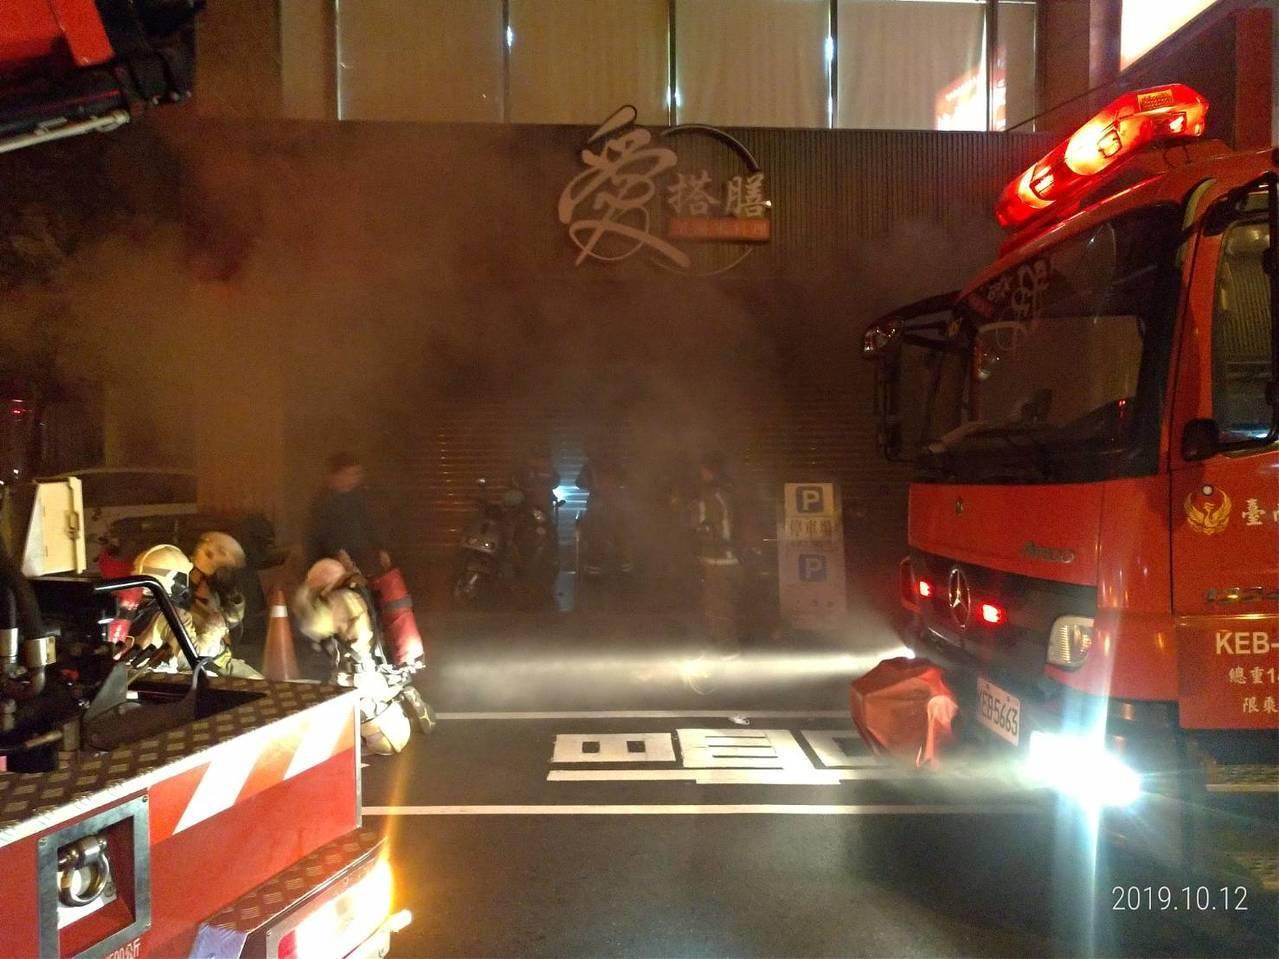 消防人員破門入室搜索及另派人員入內搶救。經清查後,發現火勢在1樓餐廳吧台,出水搶...